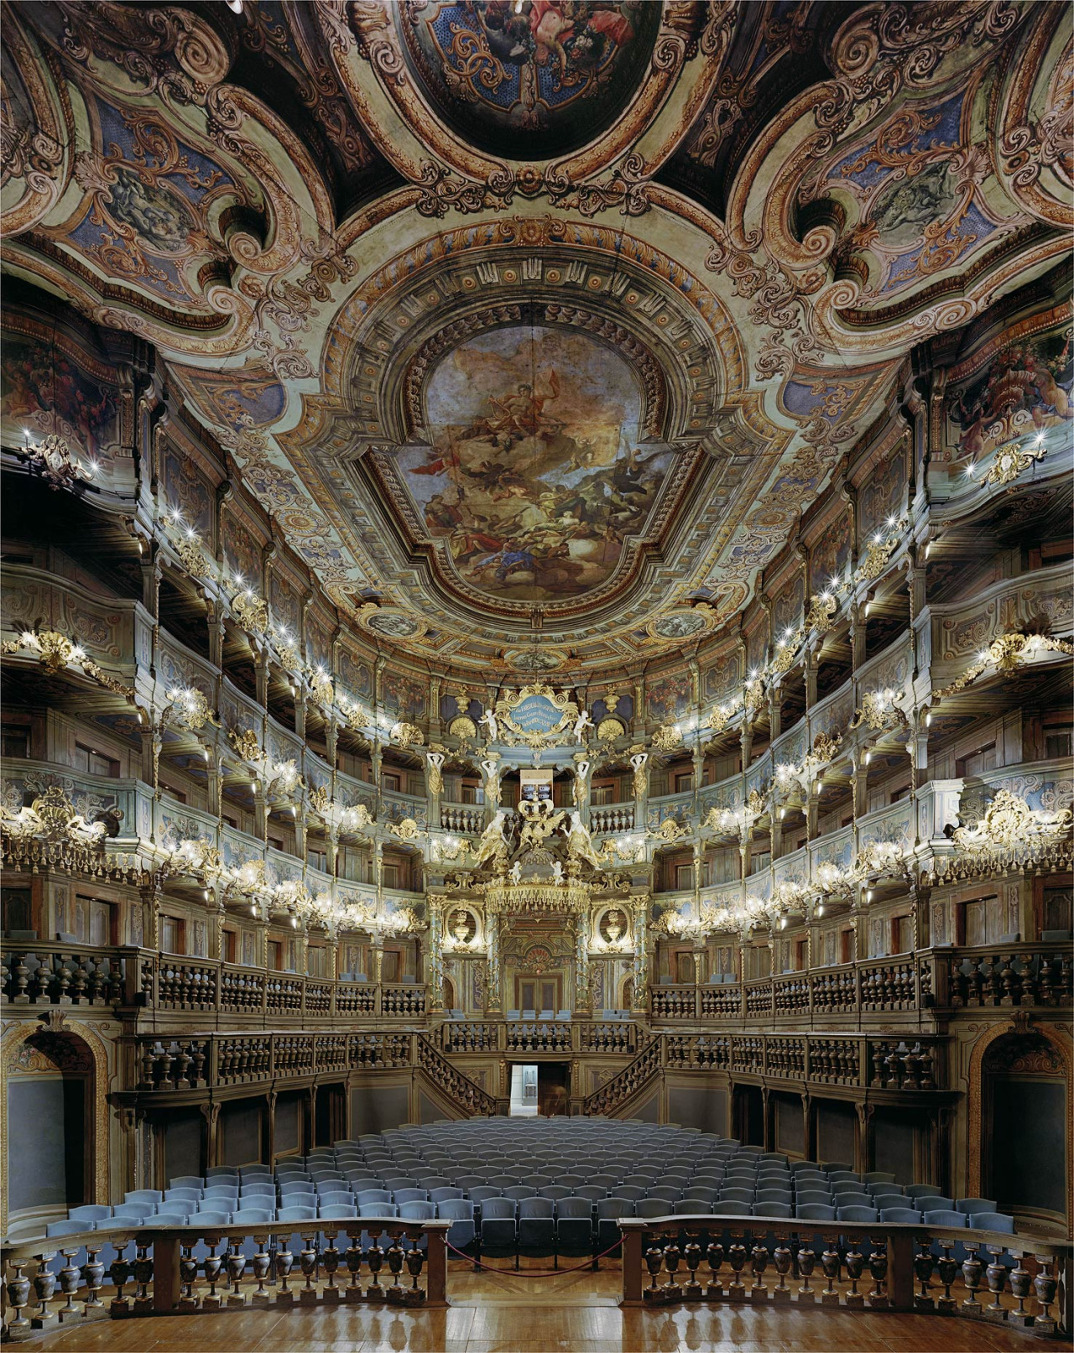 teatri-opera-mondo-david-leventi